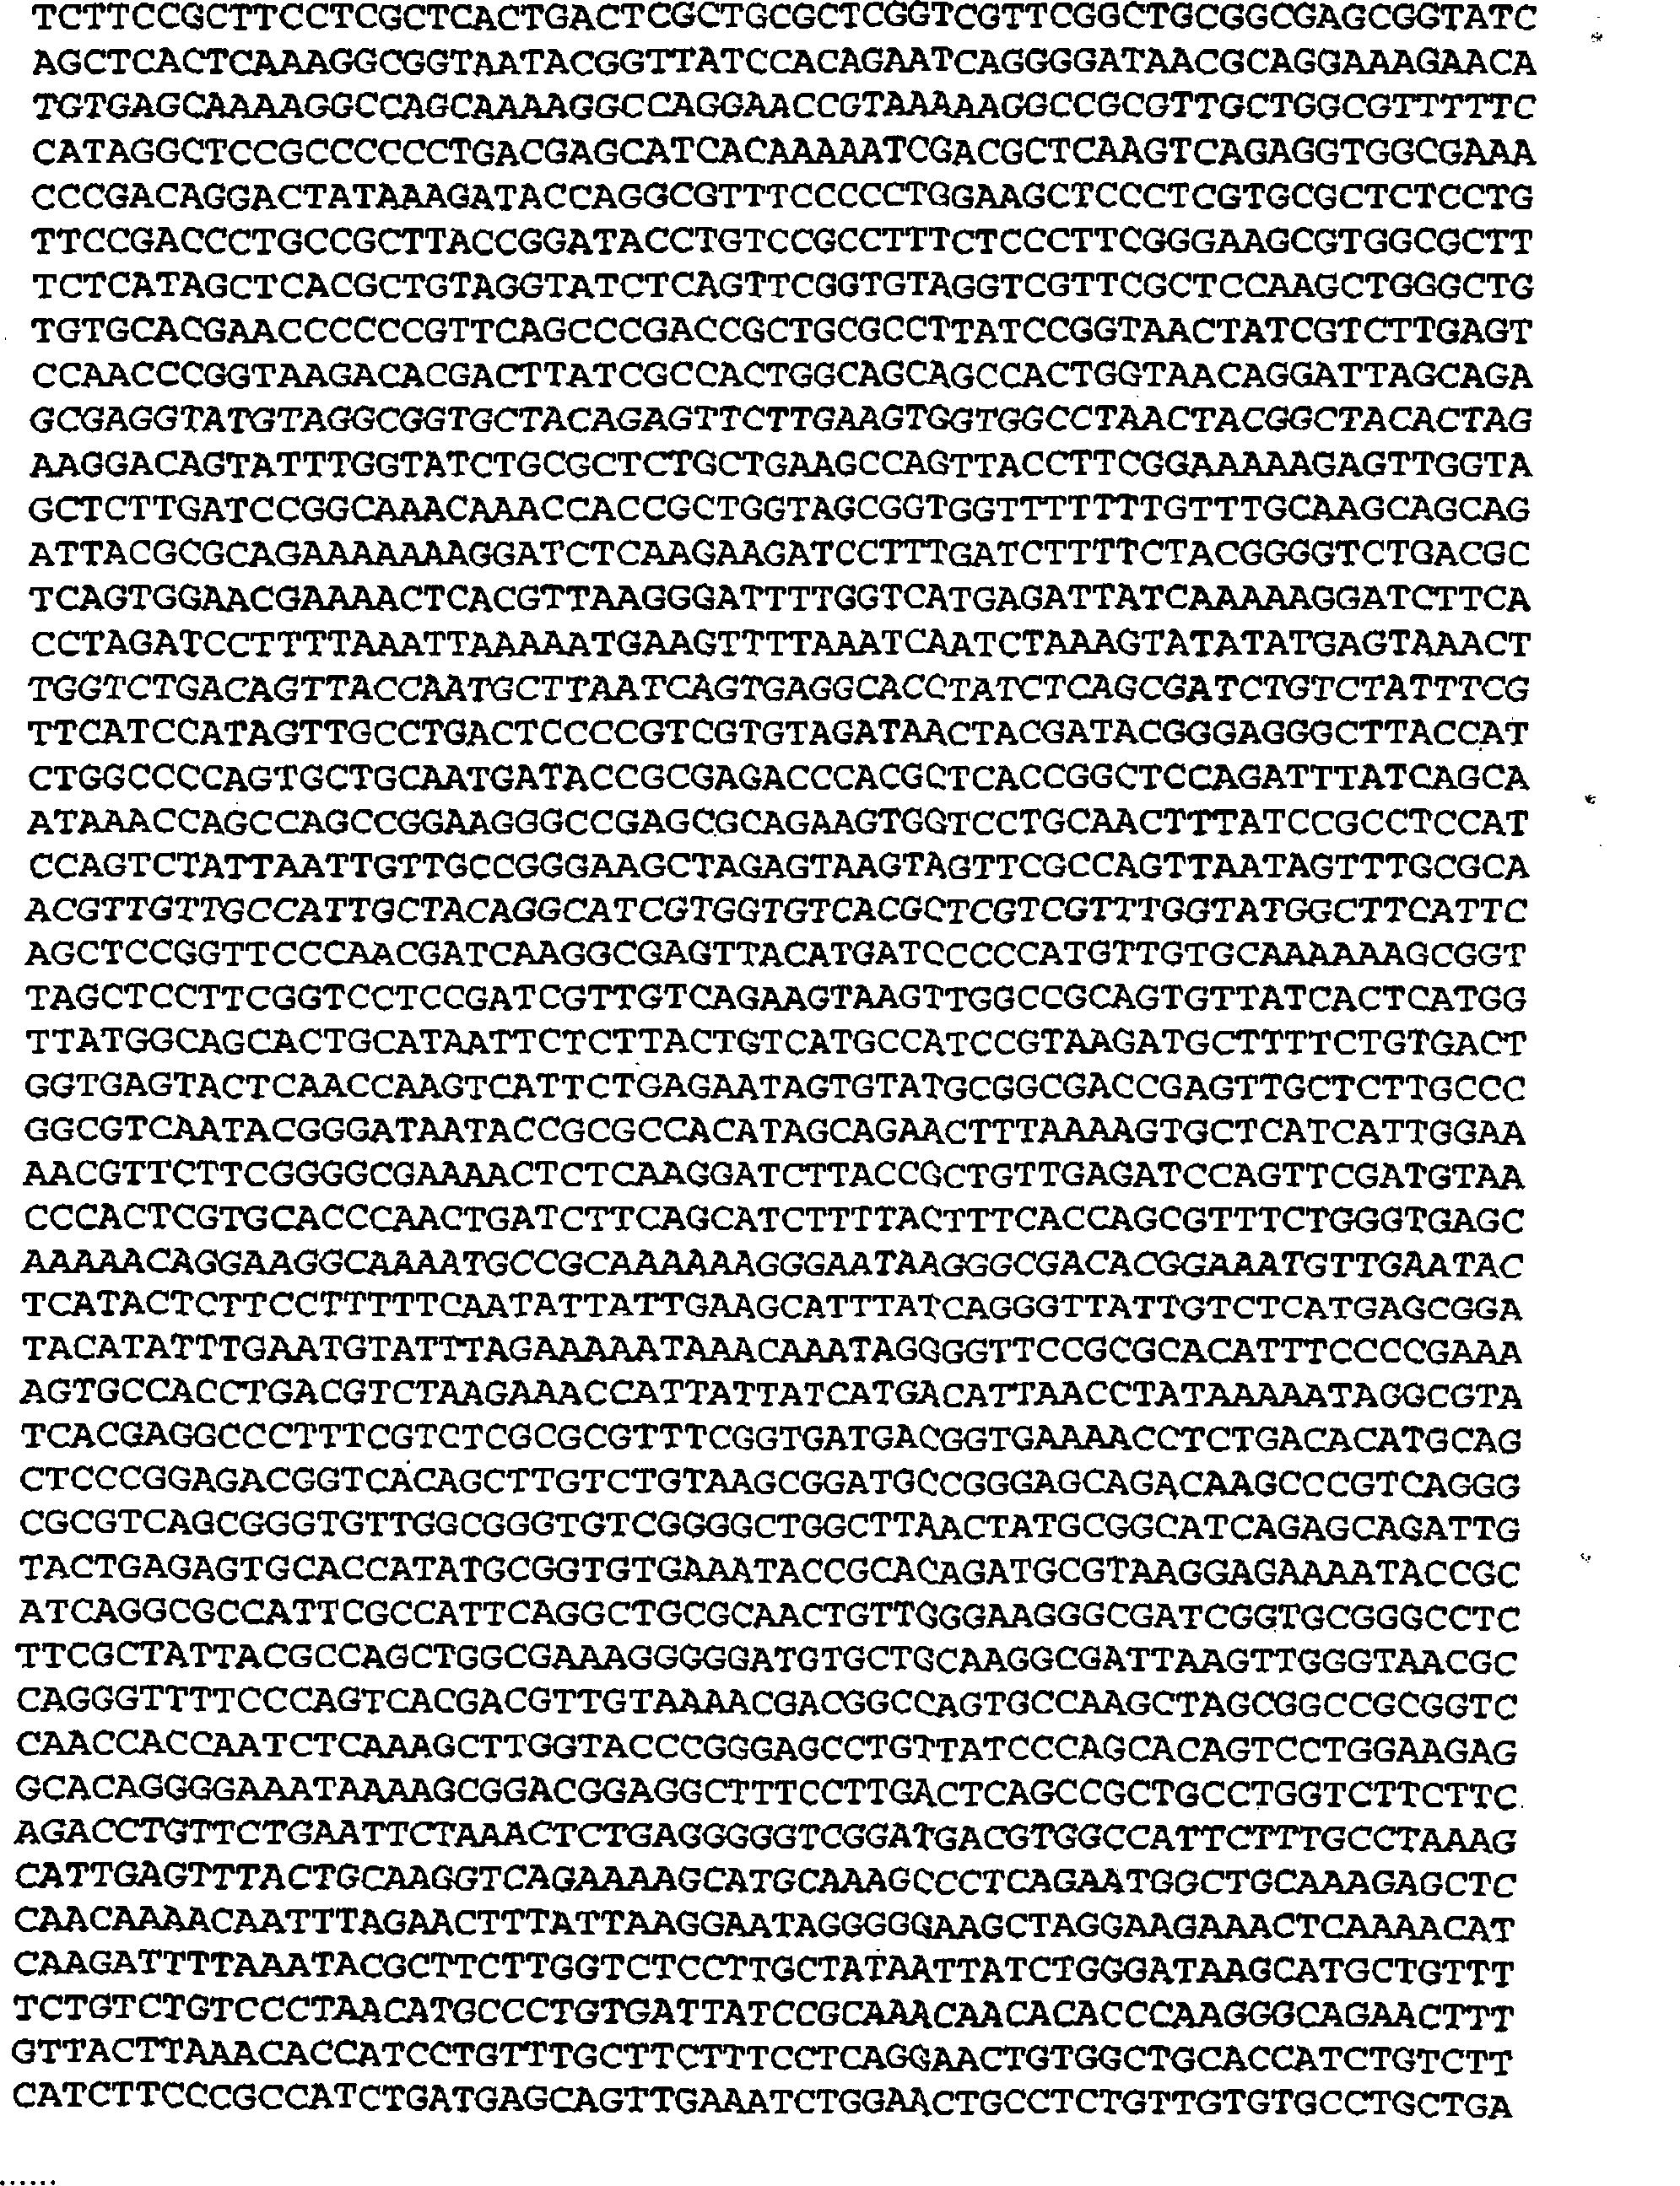 paraziták beraria h